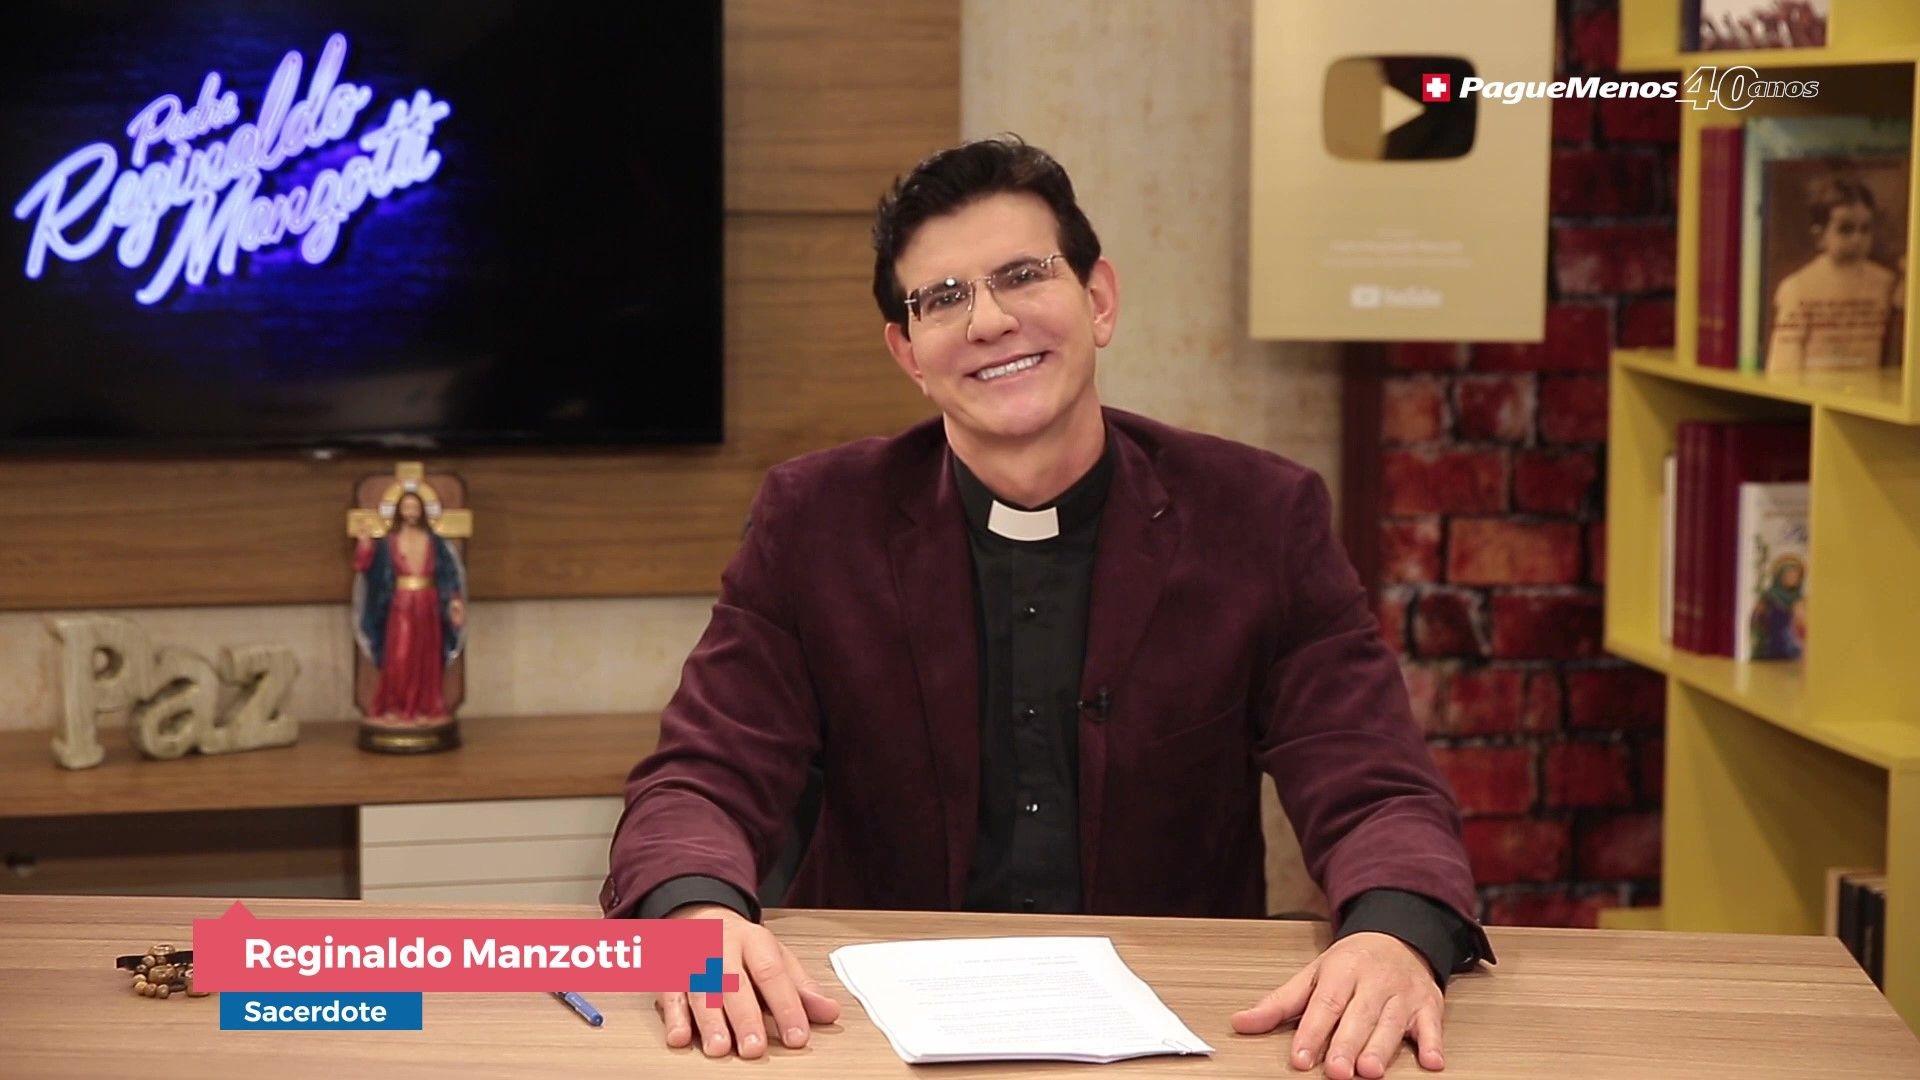 Padre Reginaldo Manzotti - Para Ser Feliz Exige Coragem